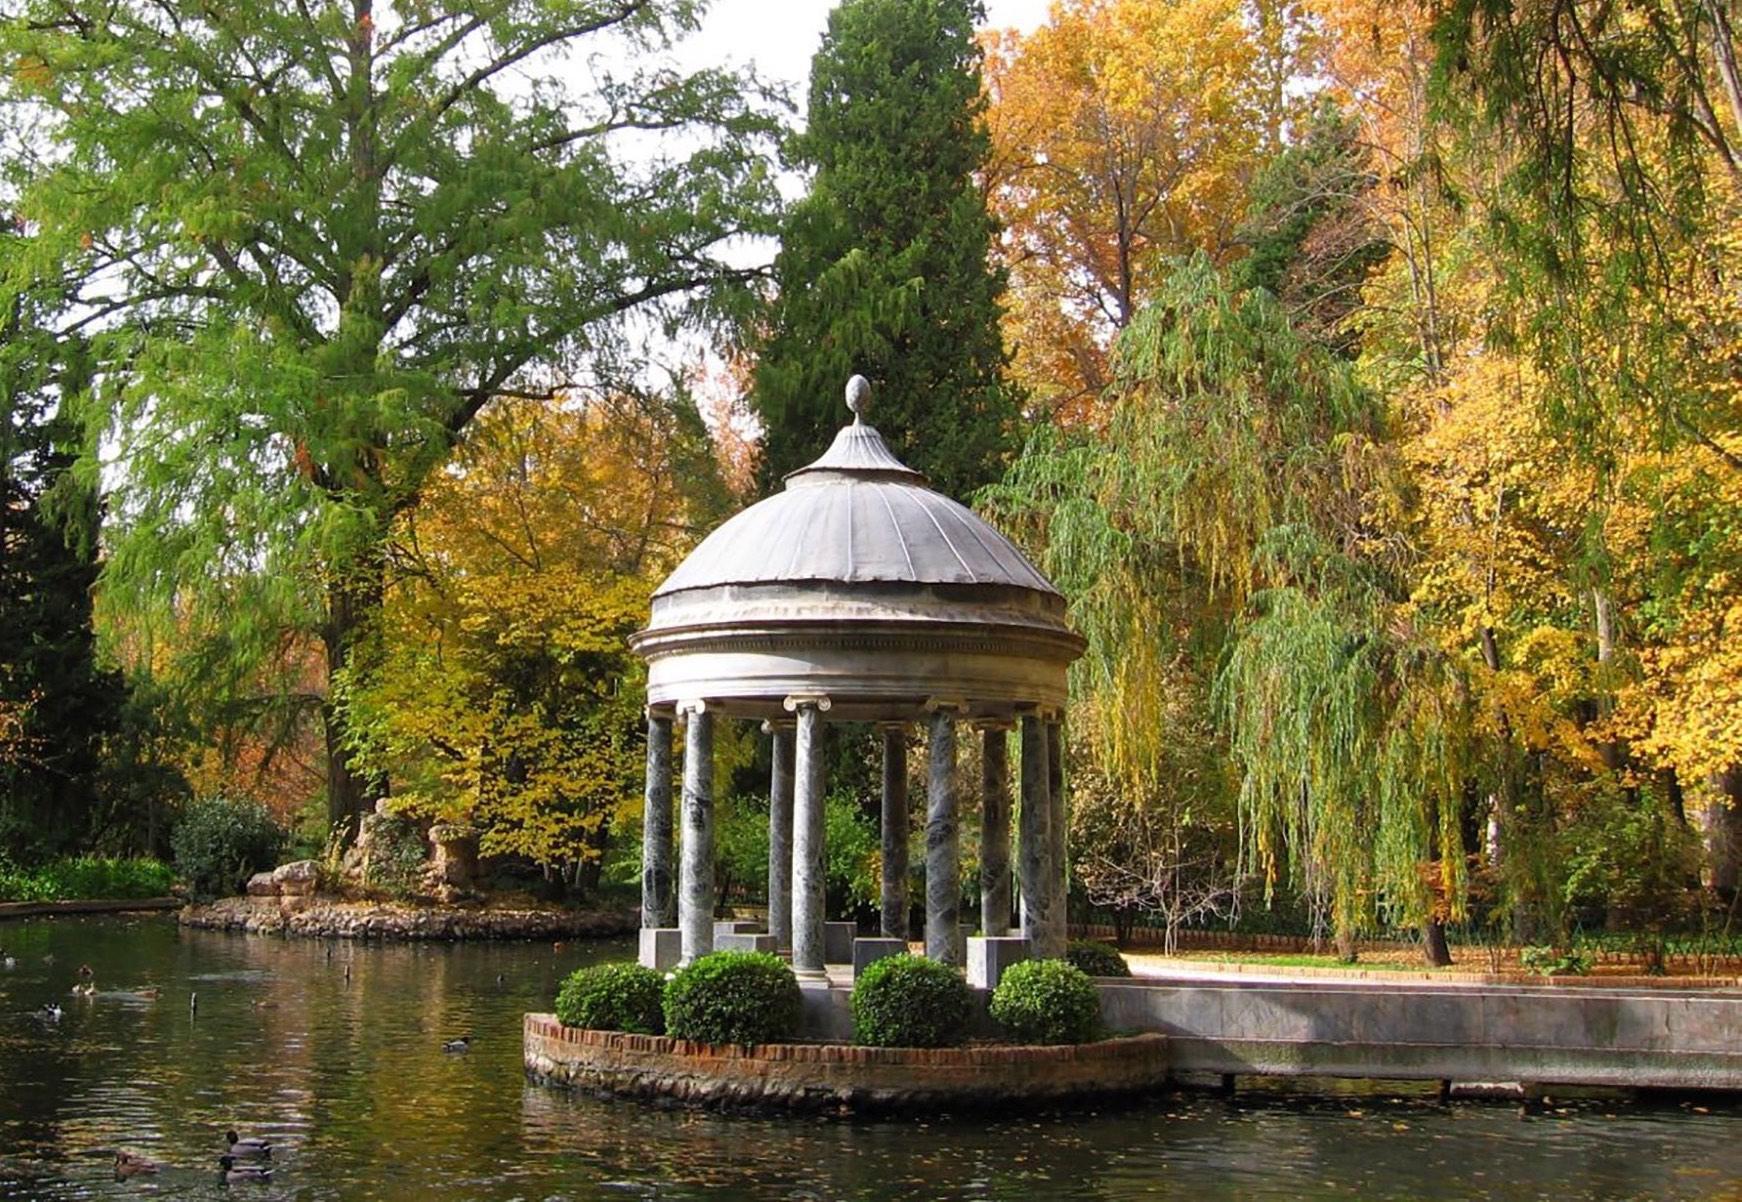 在18世纪,胡安·代·维拉纽瓦修建了王子花园内中国池塘中的希腊亭。它由数根爱奥尼柱支撑点缀有铜菠萝的拱顶。- © TalyaPhoto / Shutterstock.com